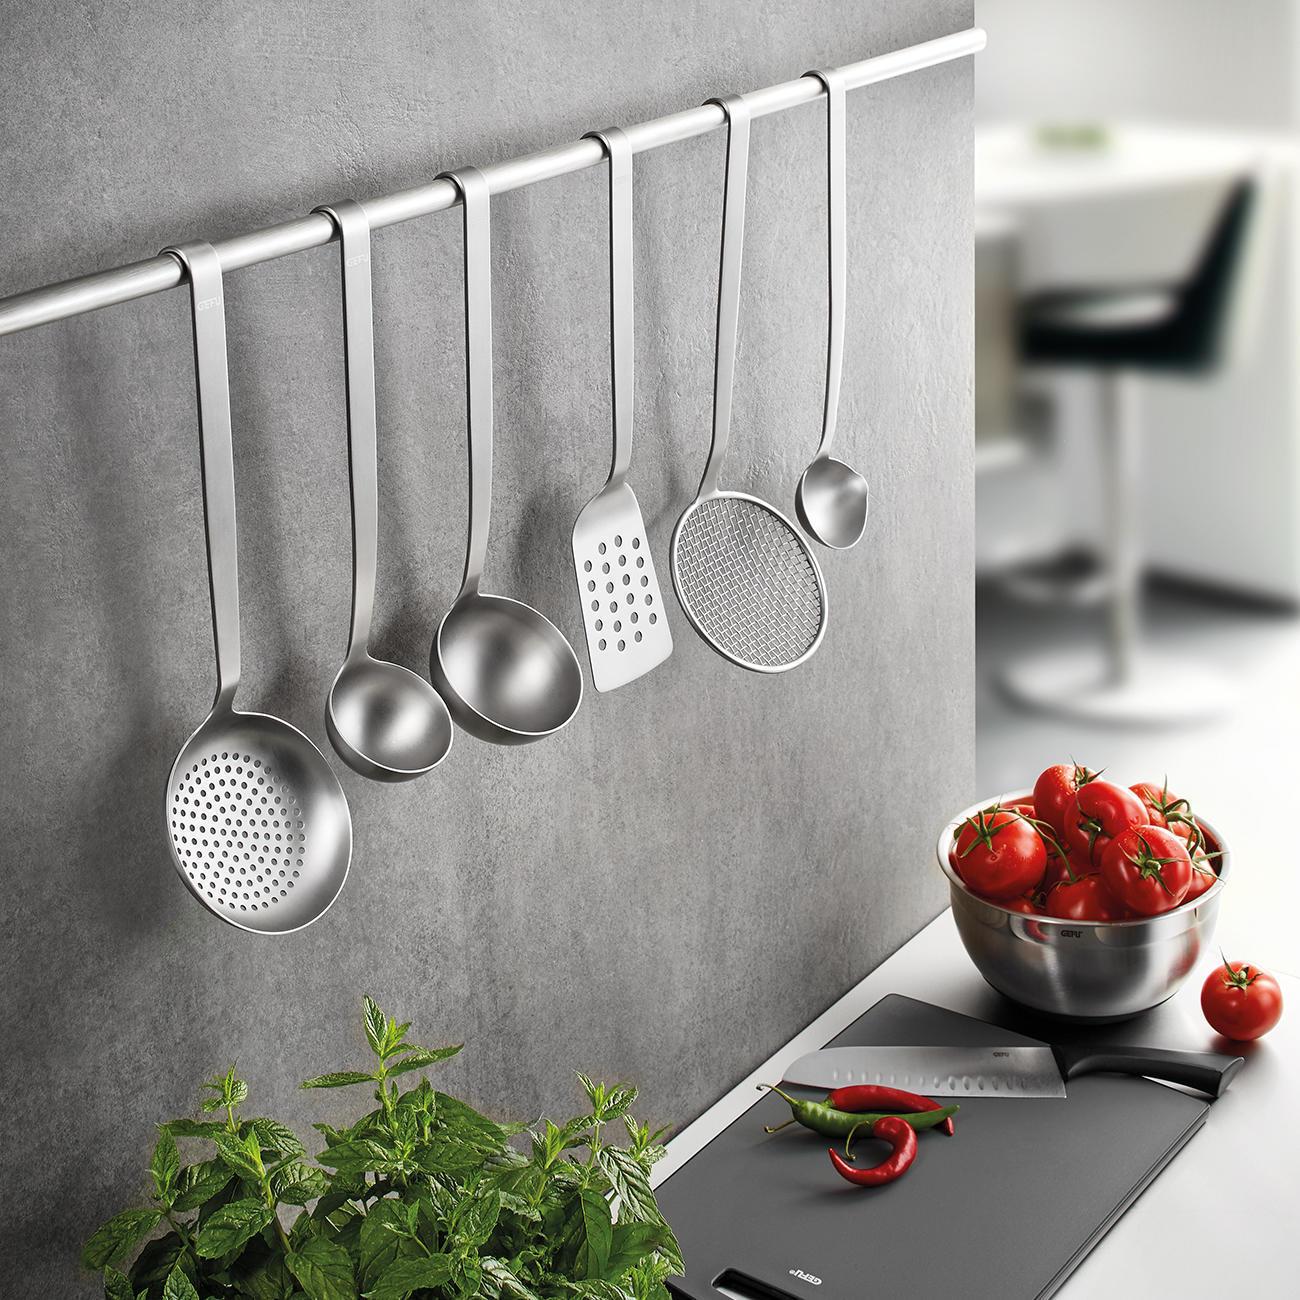 pro idee küchenhaus alles gute für küche